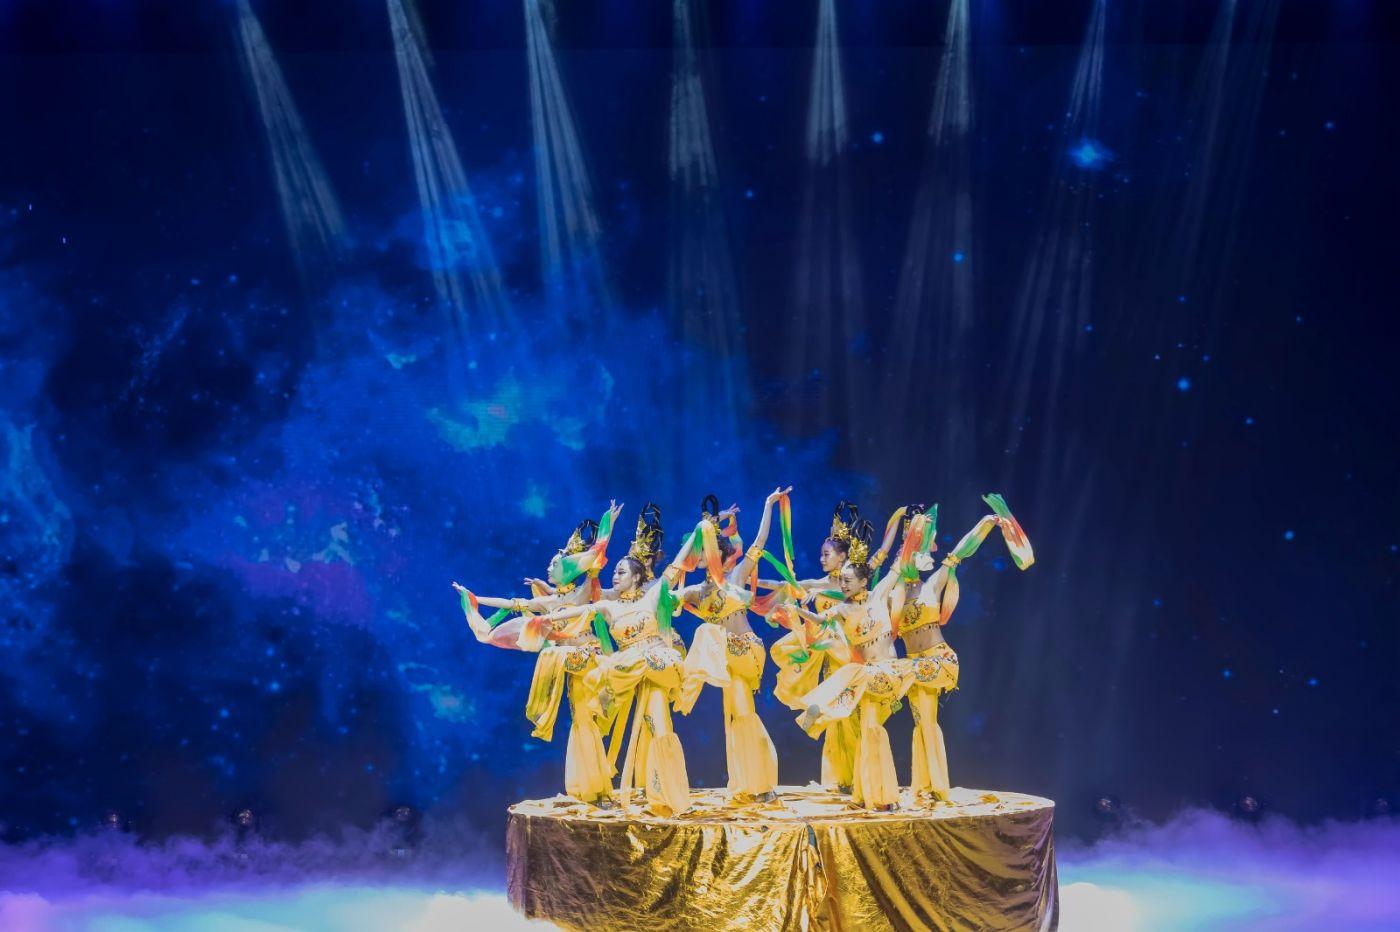 沂蒙大地上 有一种舞蹈叫飞天 这是几位临沂女孩的杰作 美轮美奂 ..._图1-71